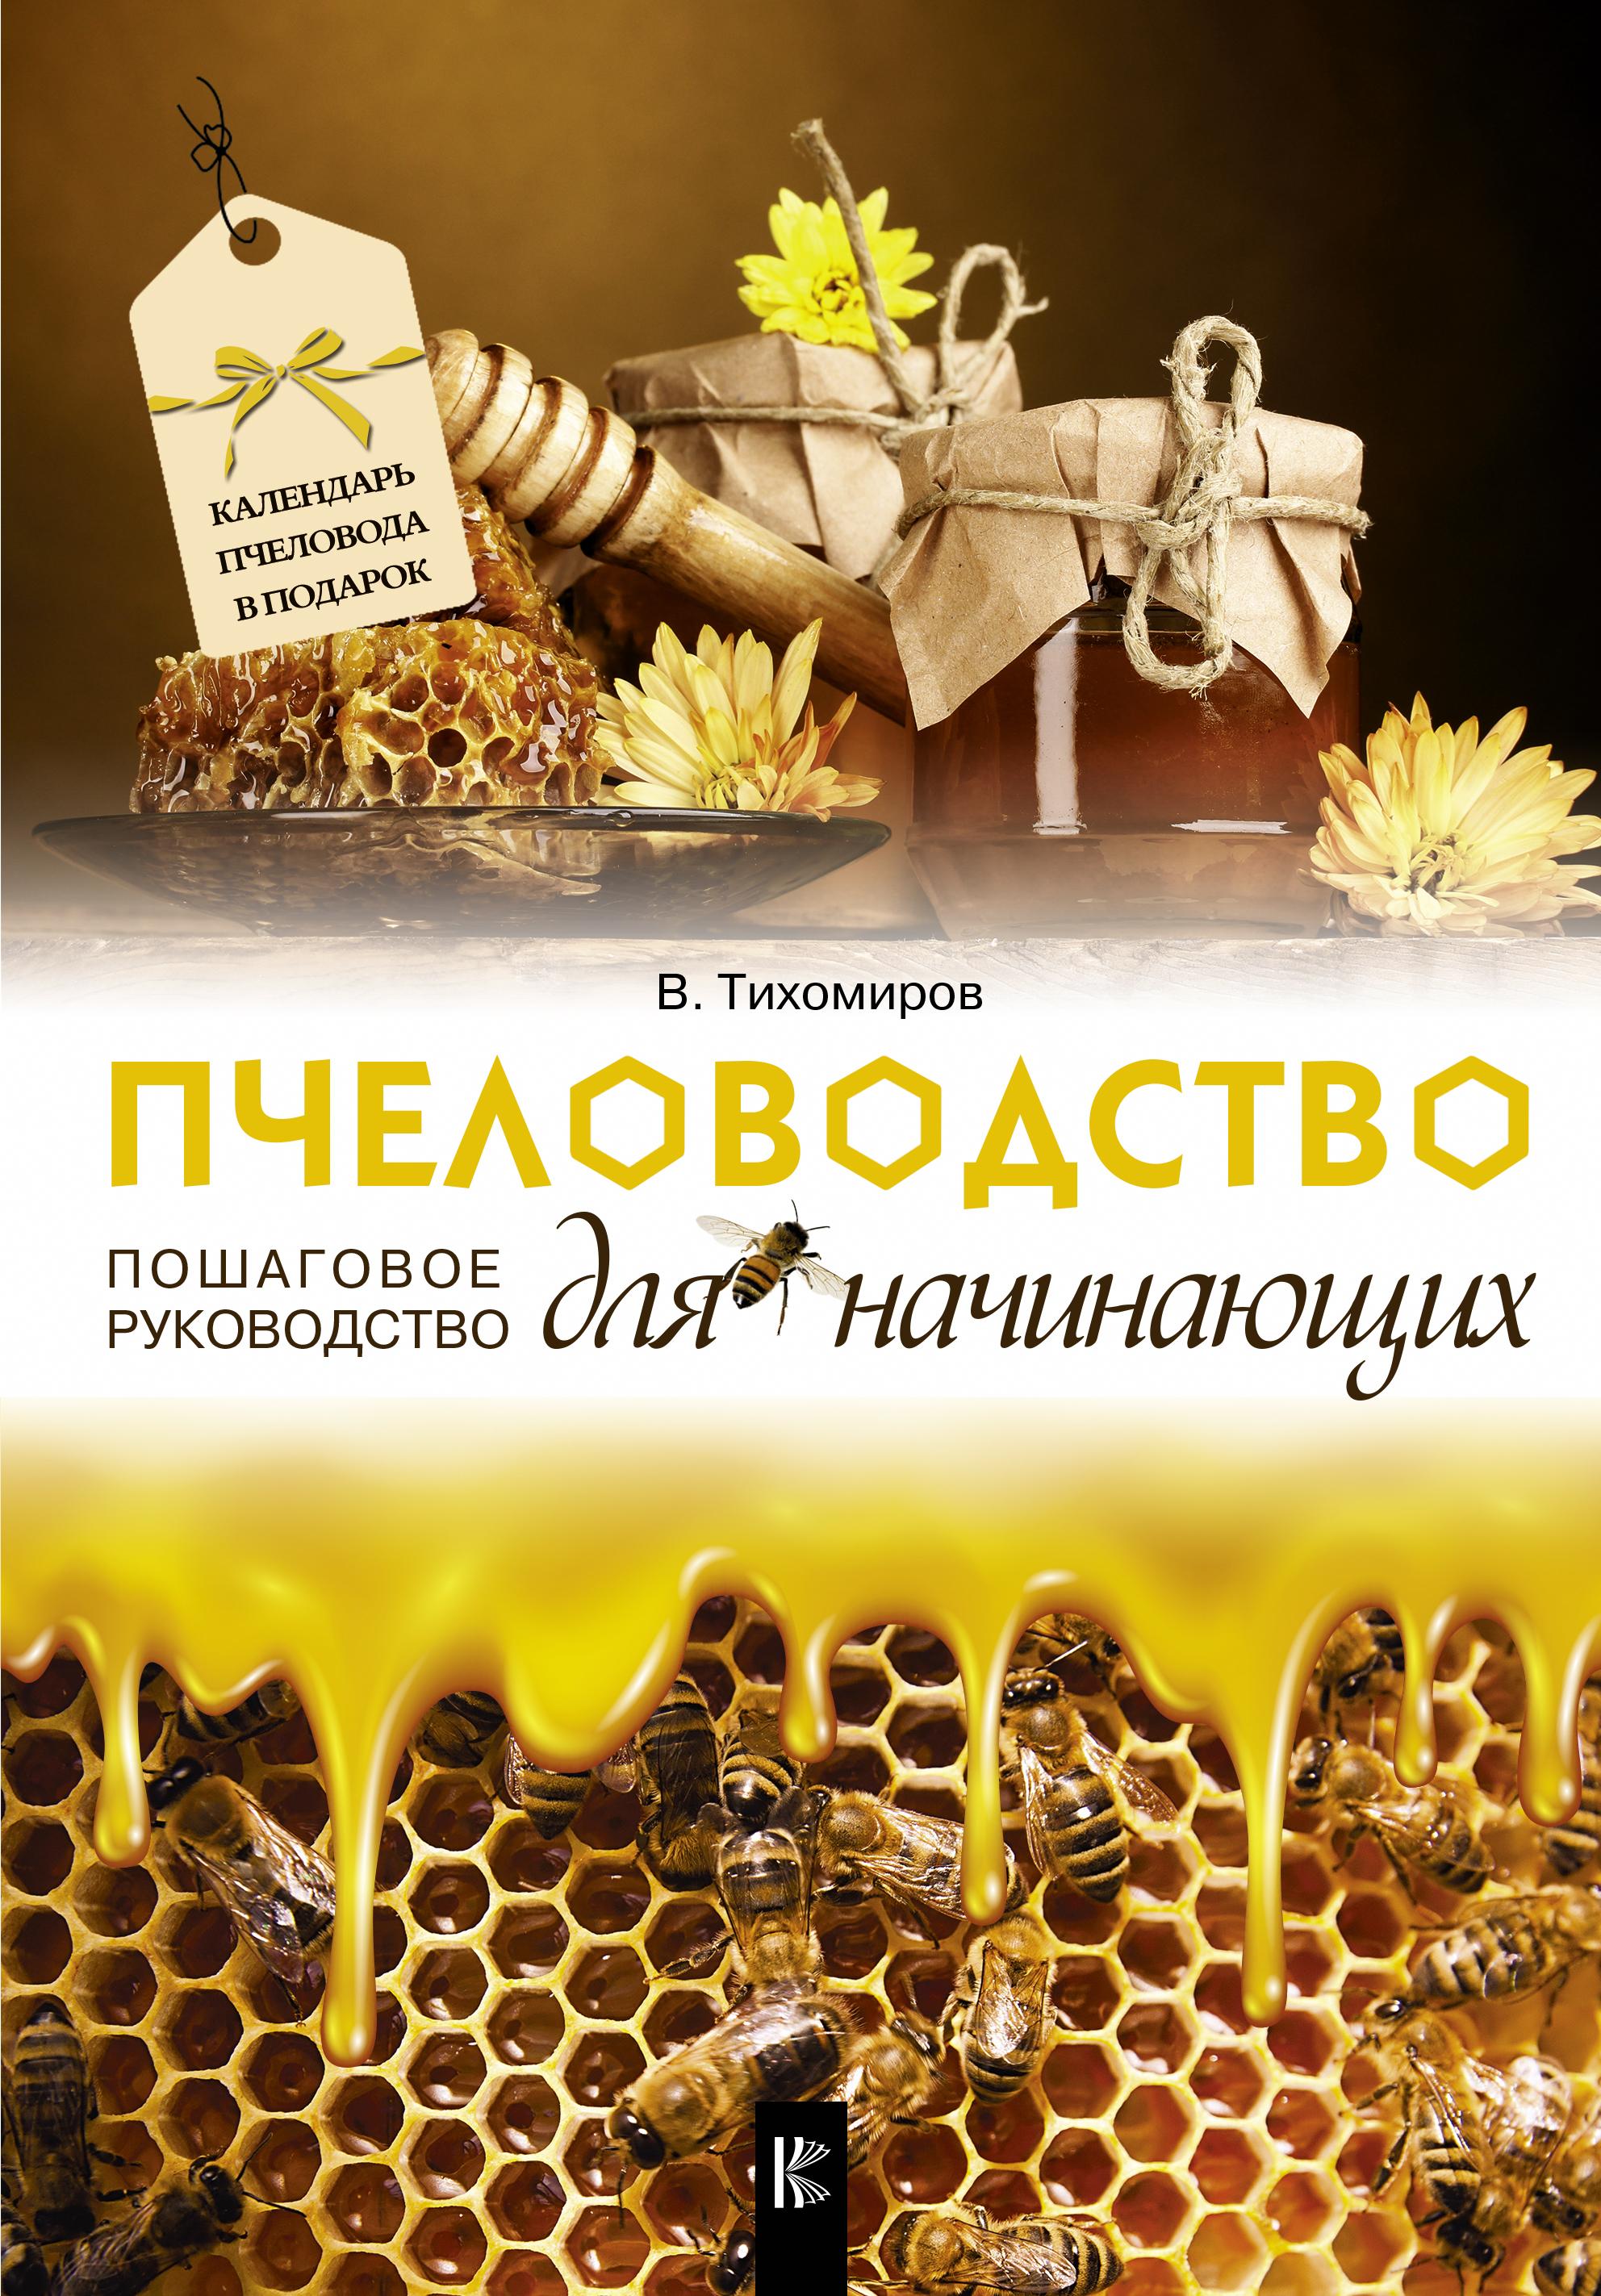 В. В. Тихомиров Пчеловодство для начинающих. Пошаговое руководство